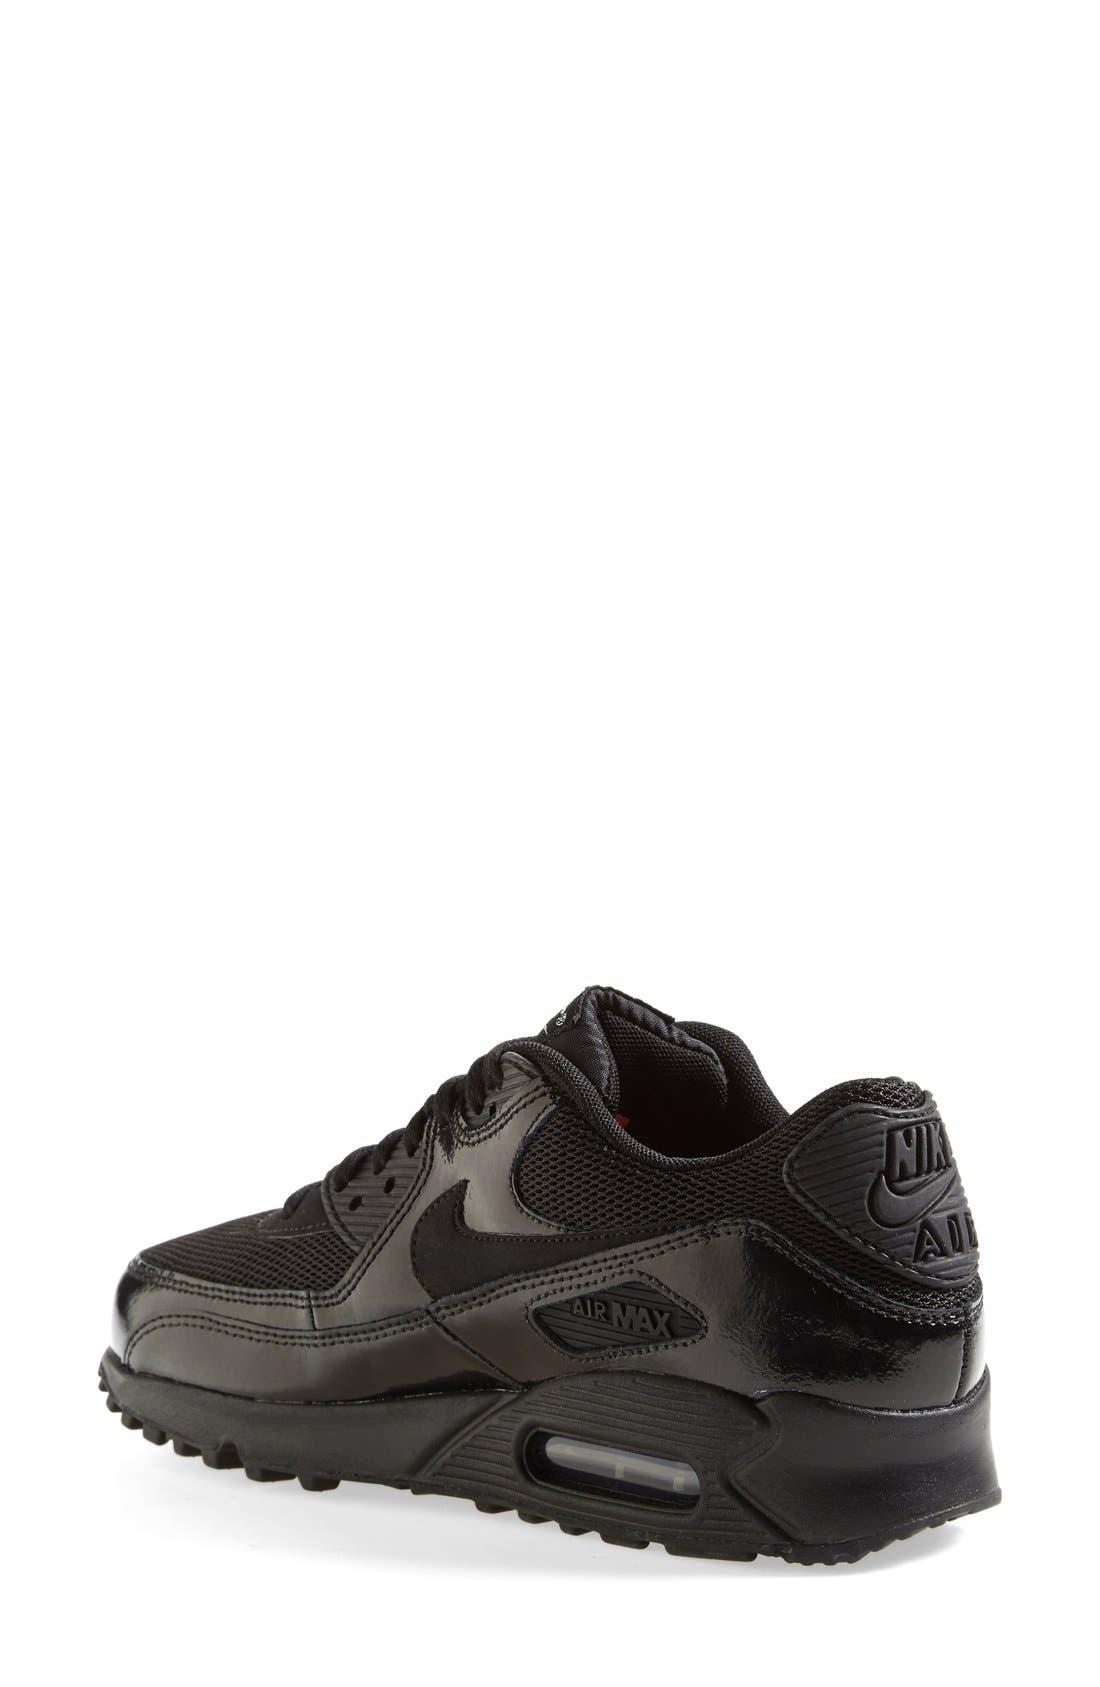 'Air Max 90 - Premium' Sneaker,                             Alternate thumbnail 3, color,                             002